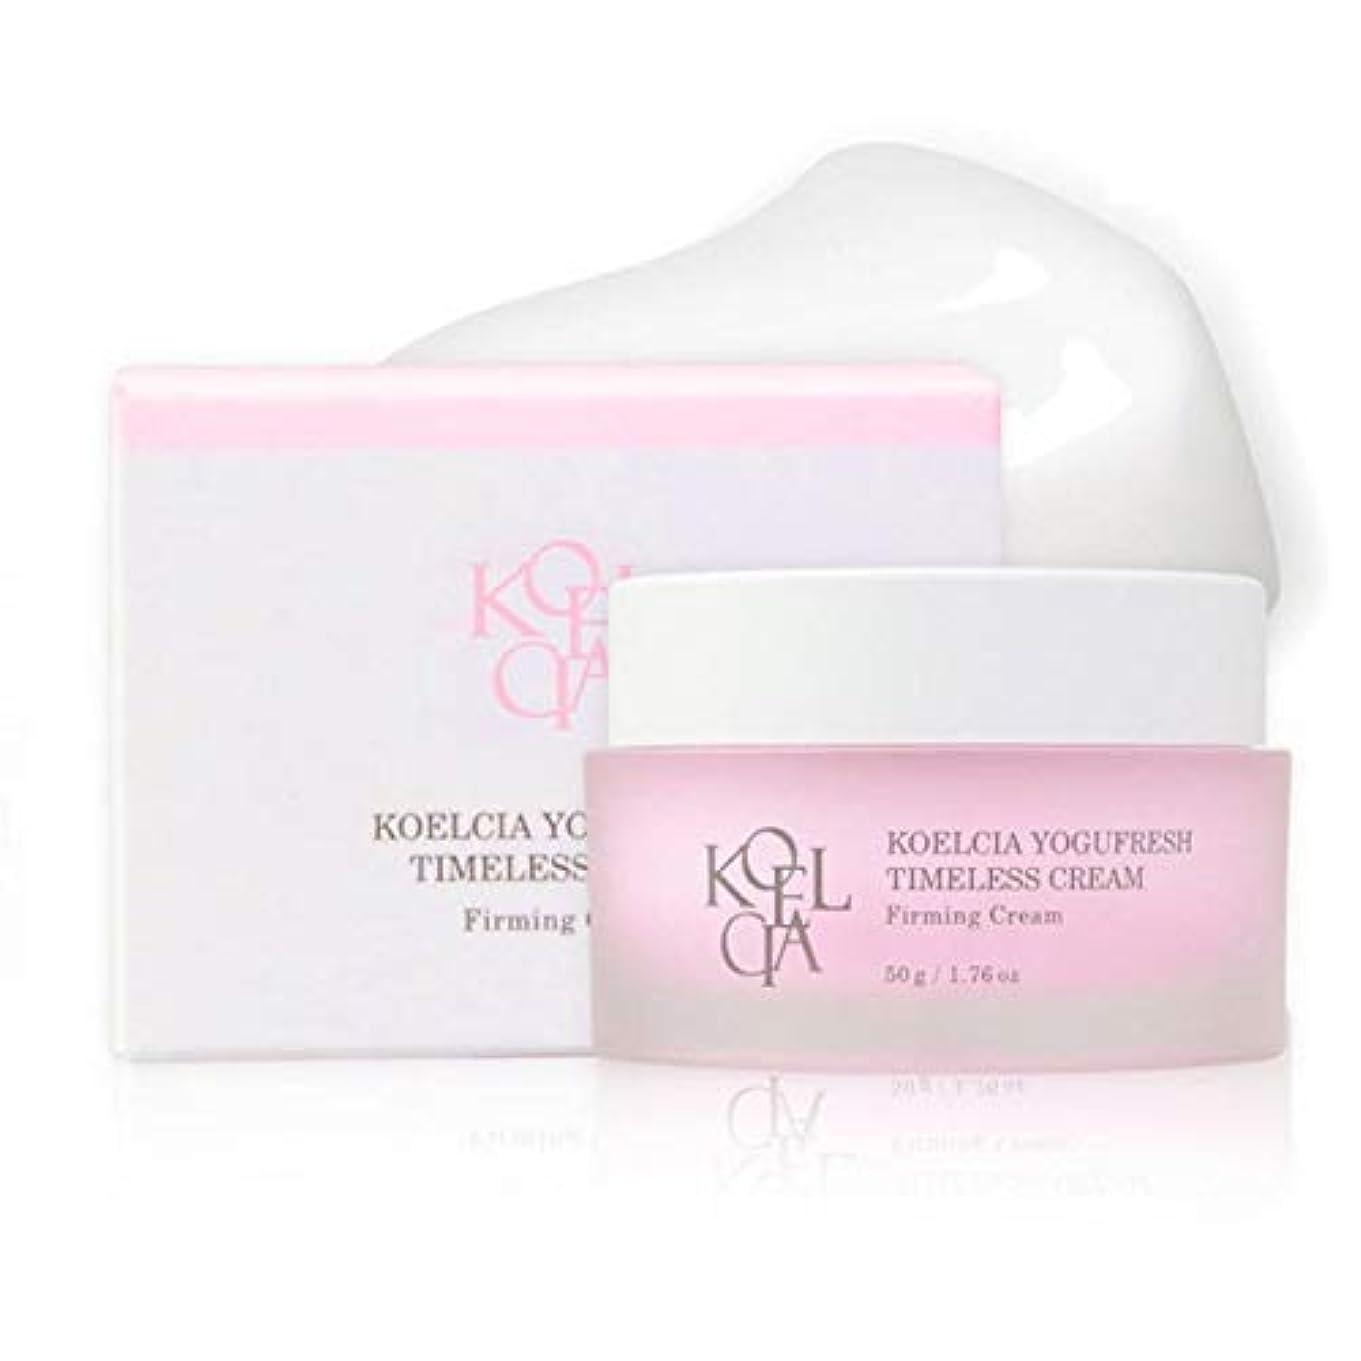 のぞき穴ヒゲ会議[KOELCIA] YOGUFRESH TIMELESS CREAM 50g/Most Hot K-Beauty Firming/Wrinkle Care Cream/Korea Cosmetics [並行輸入品]